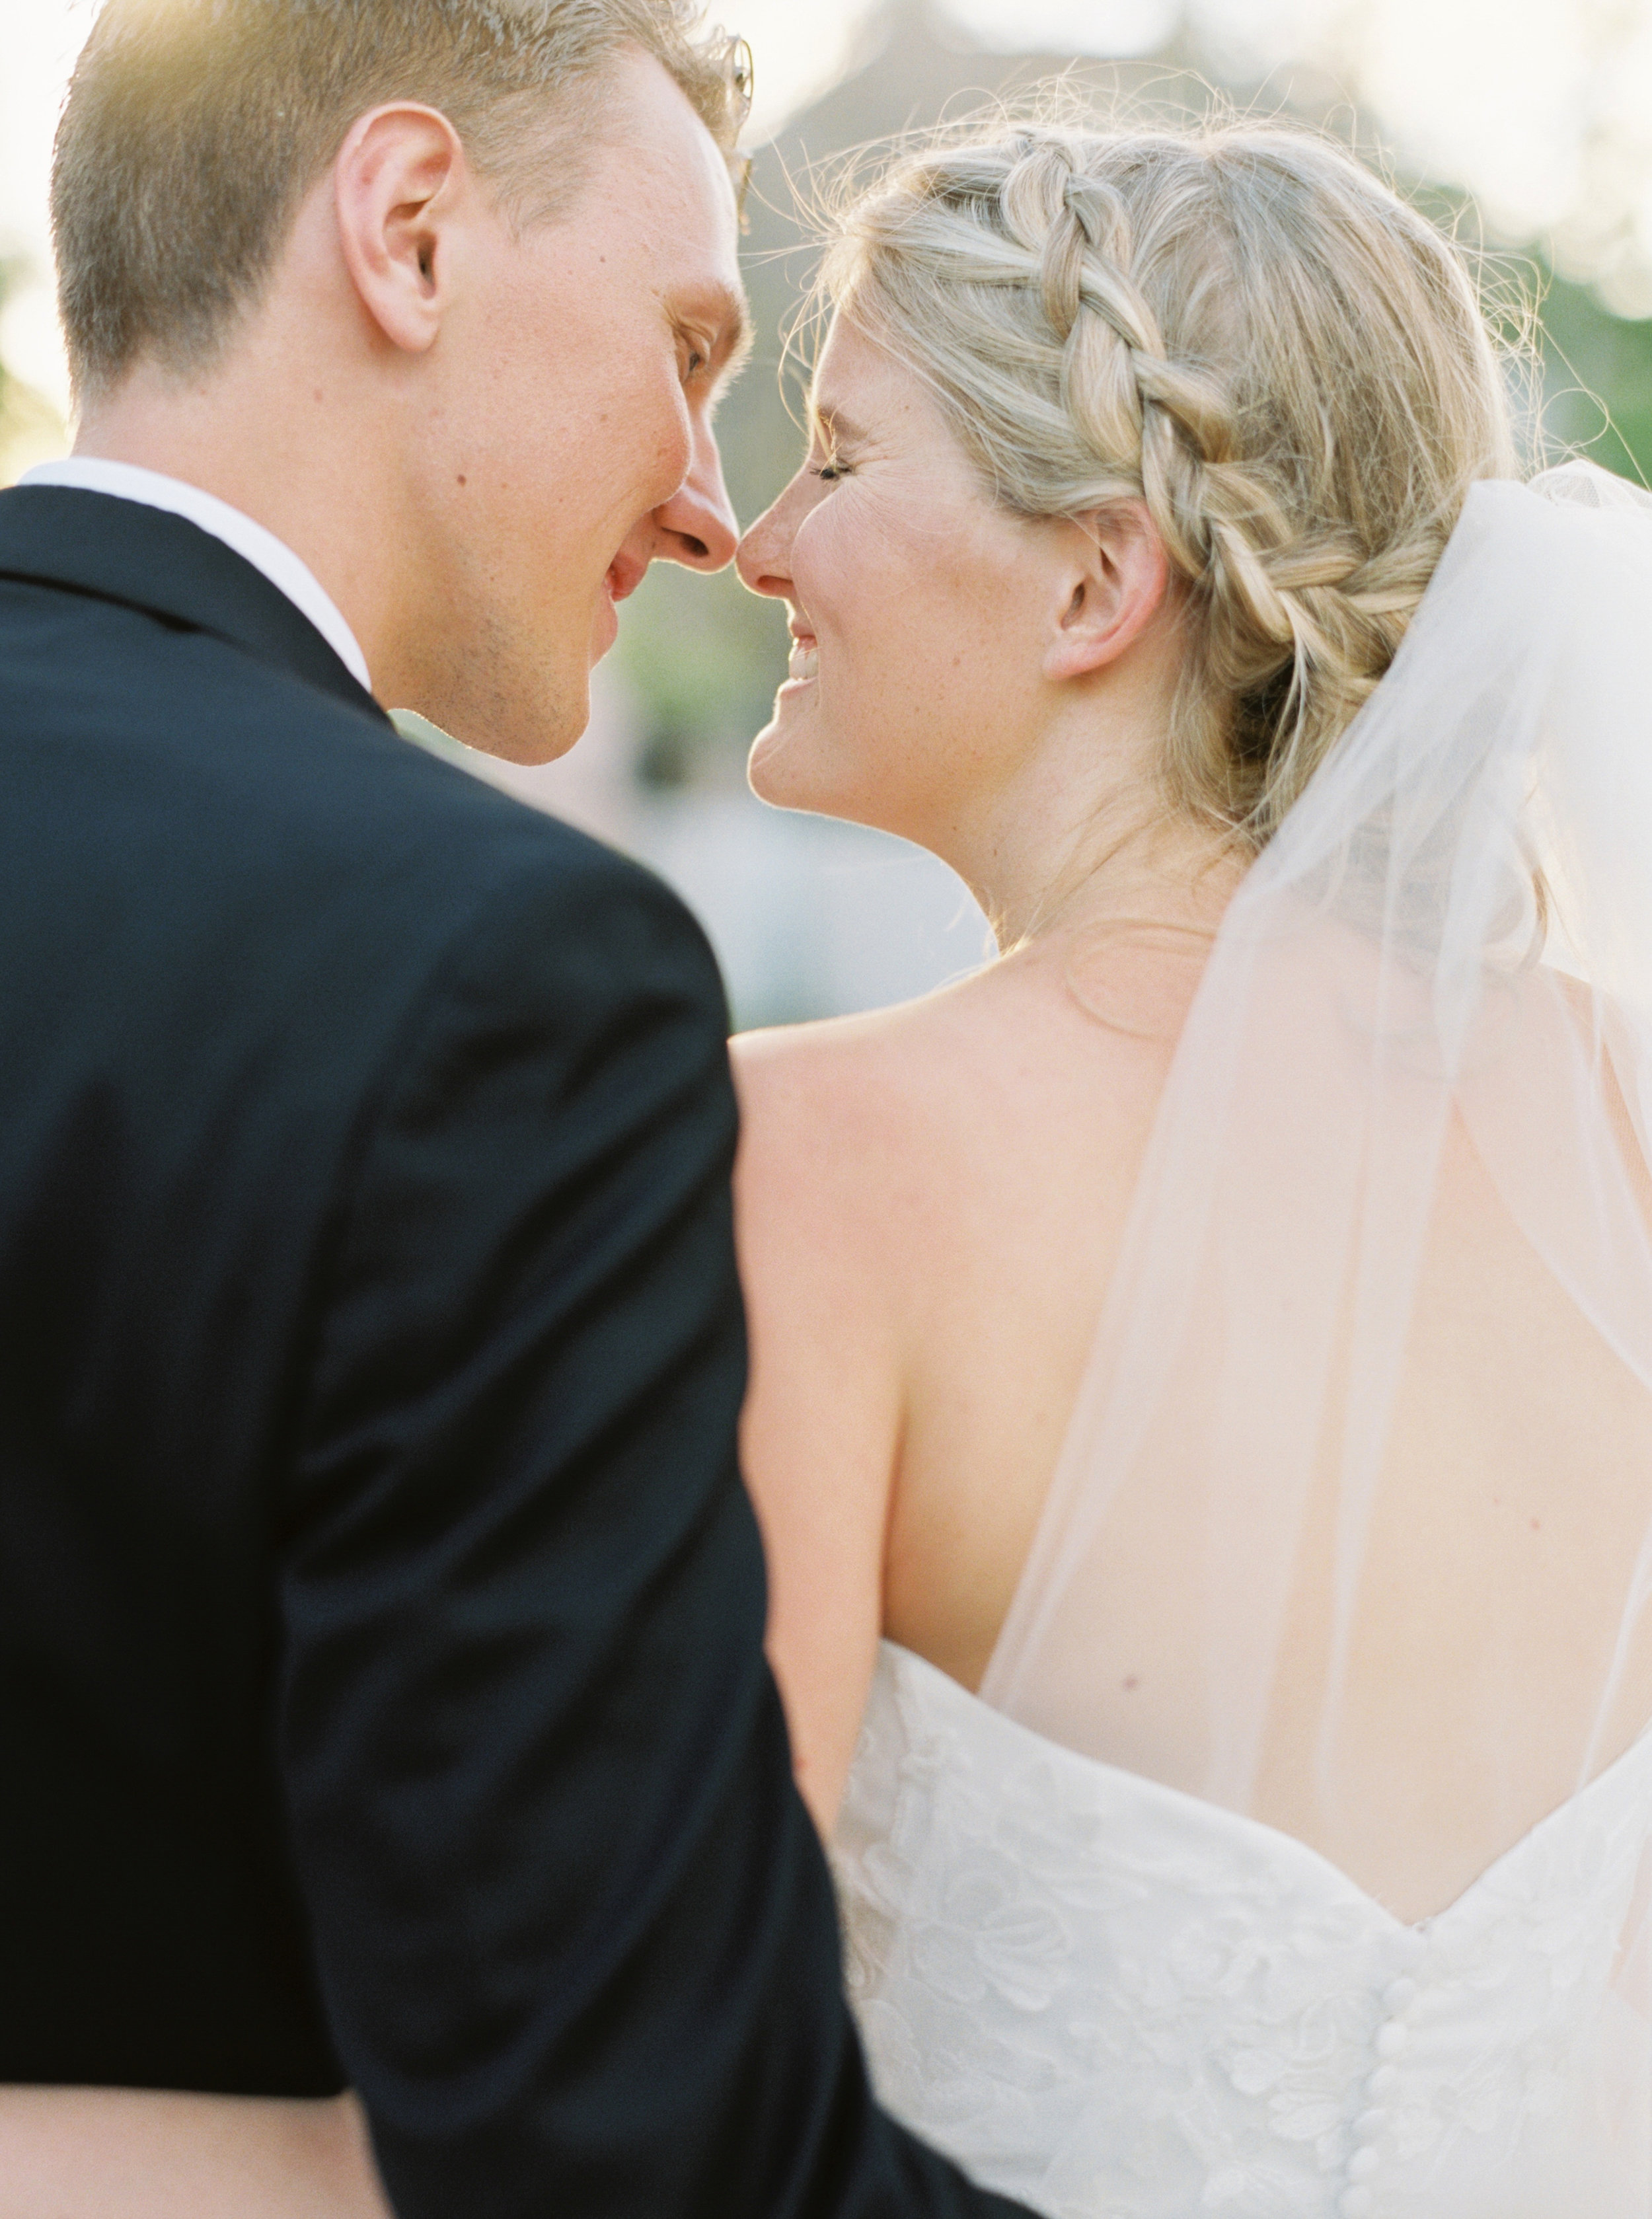 Emily&Fredrik_juliecate-444.jpg